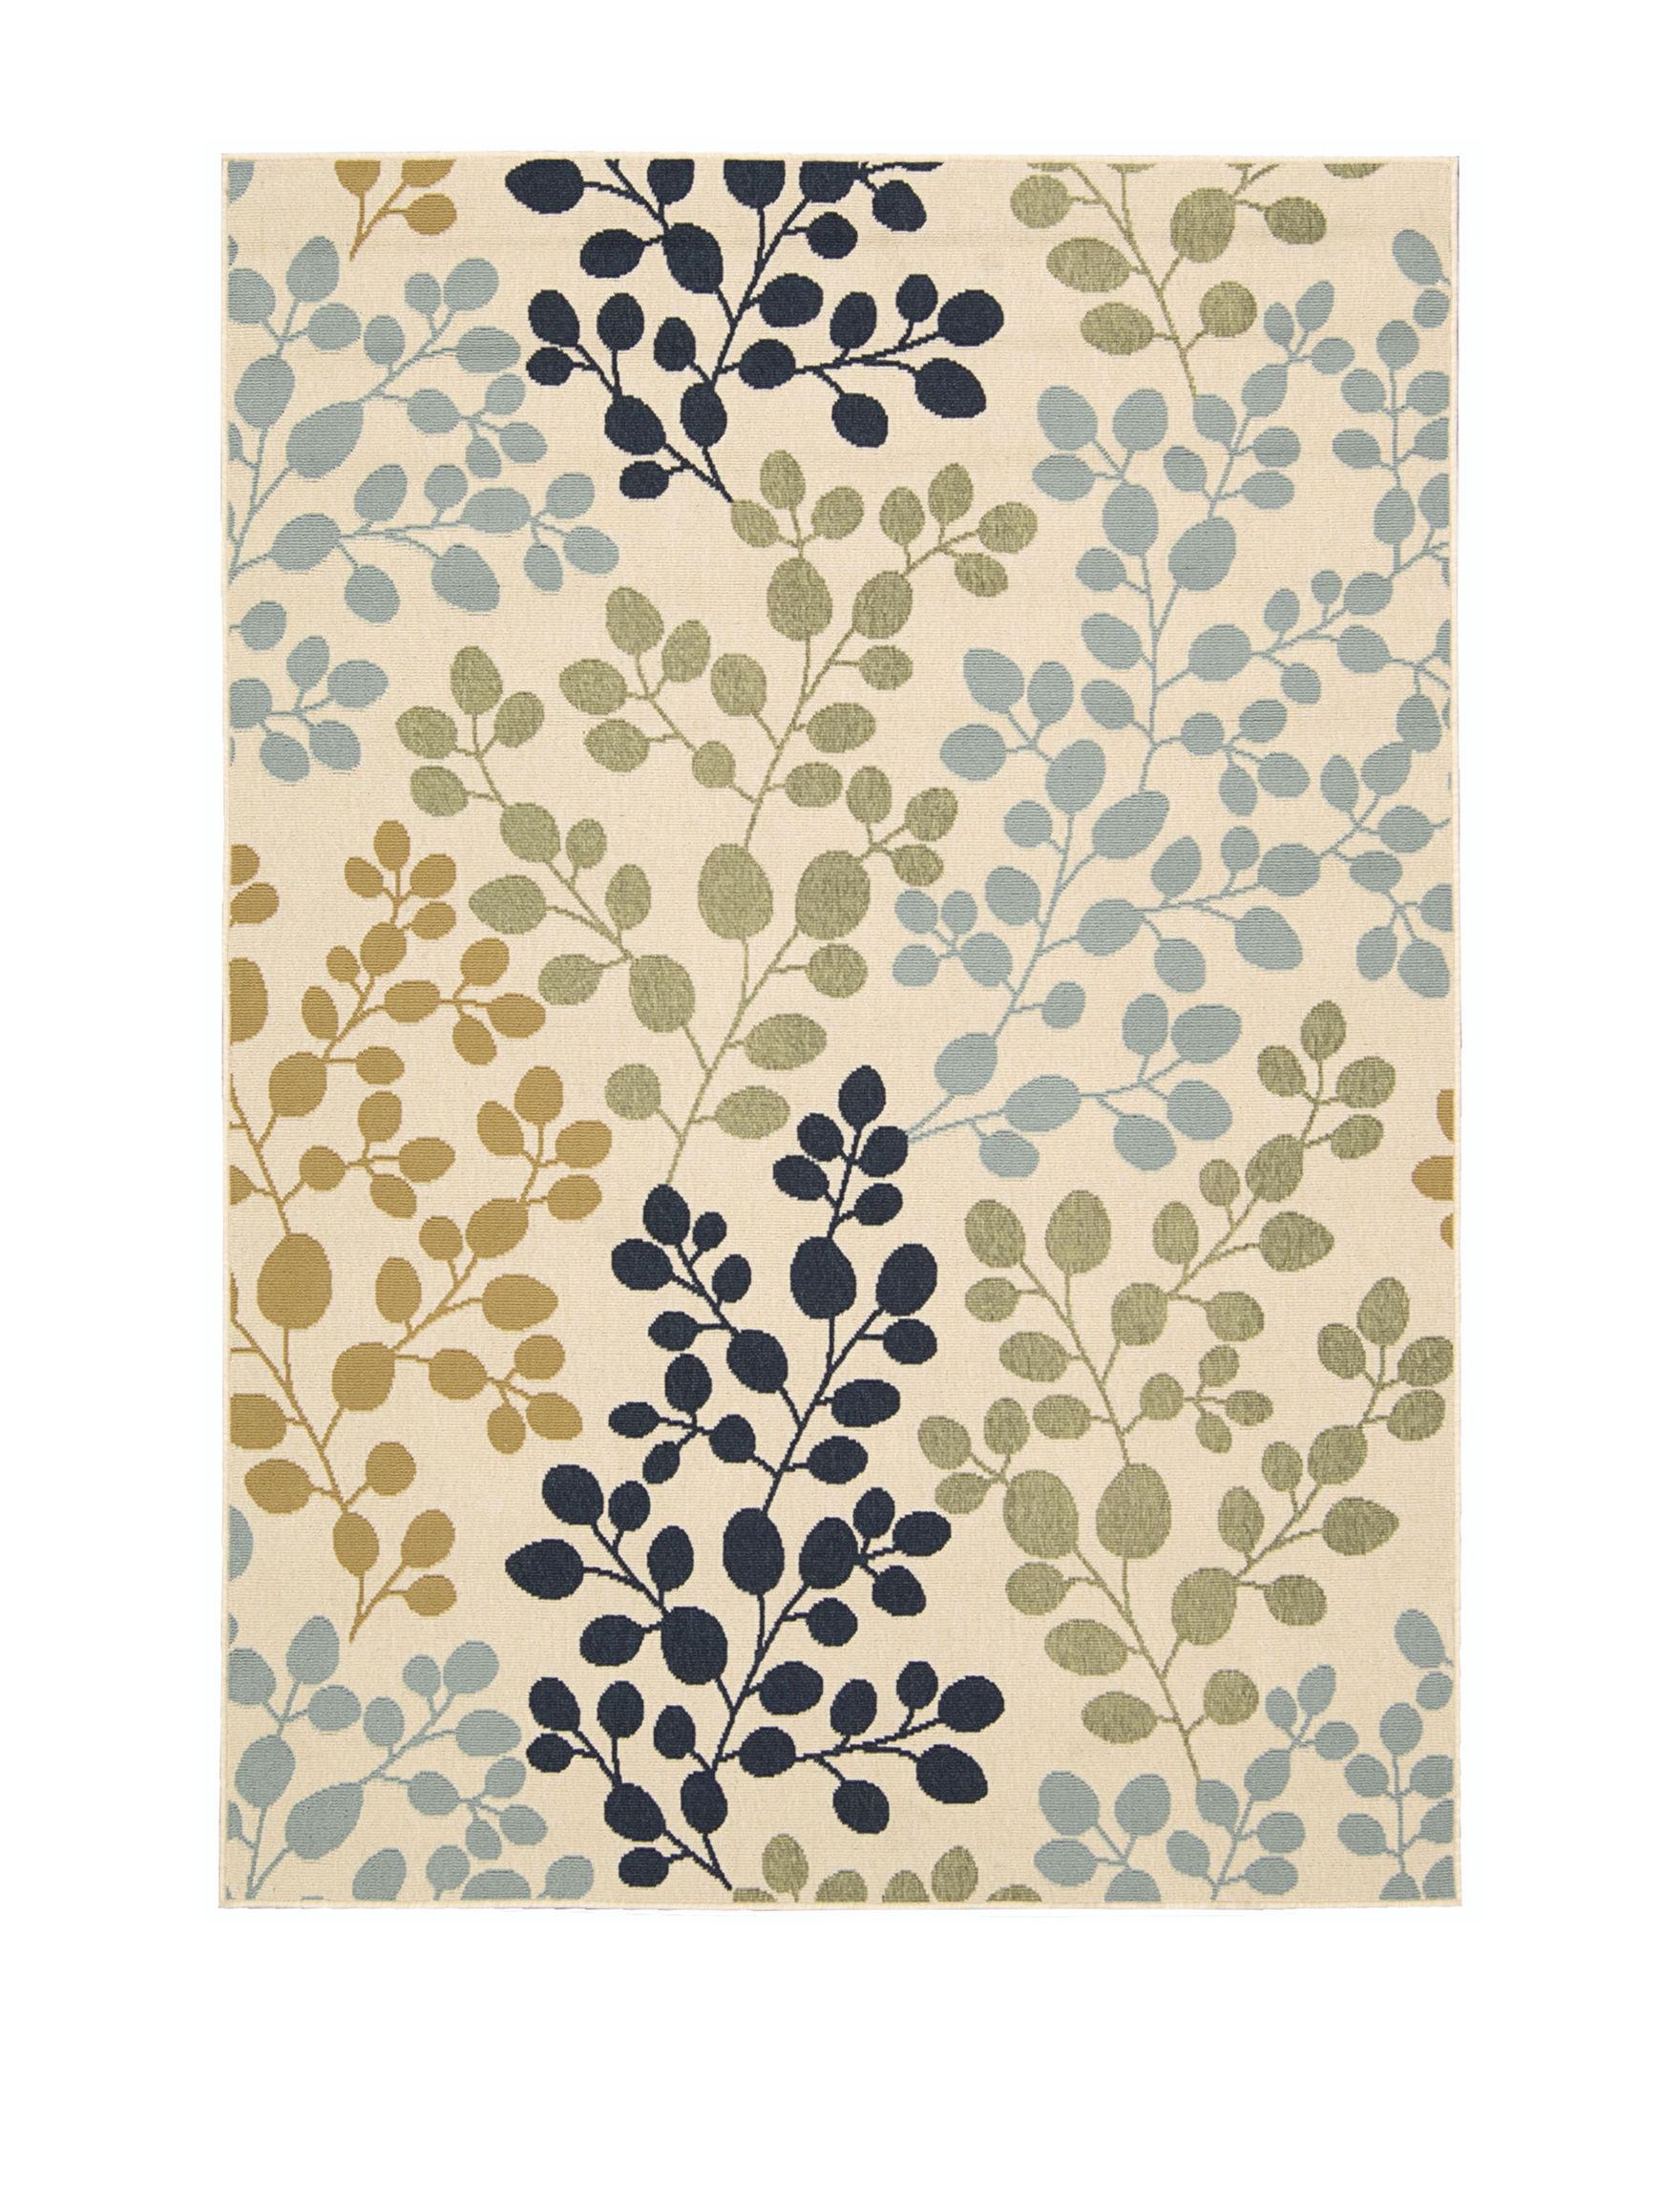 Nourison Ivory Outdoor Rugs & Doormats Outdoor Decor